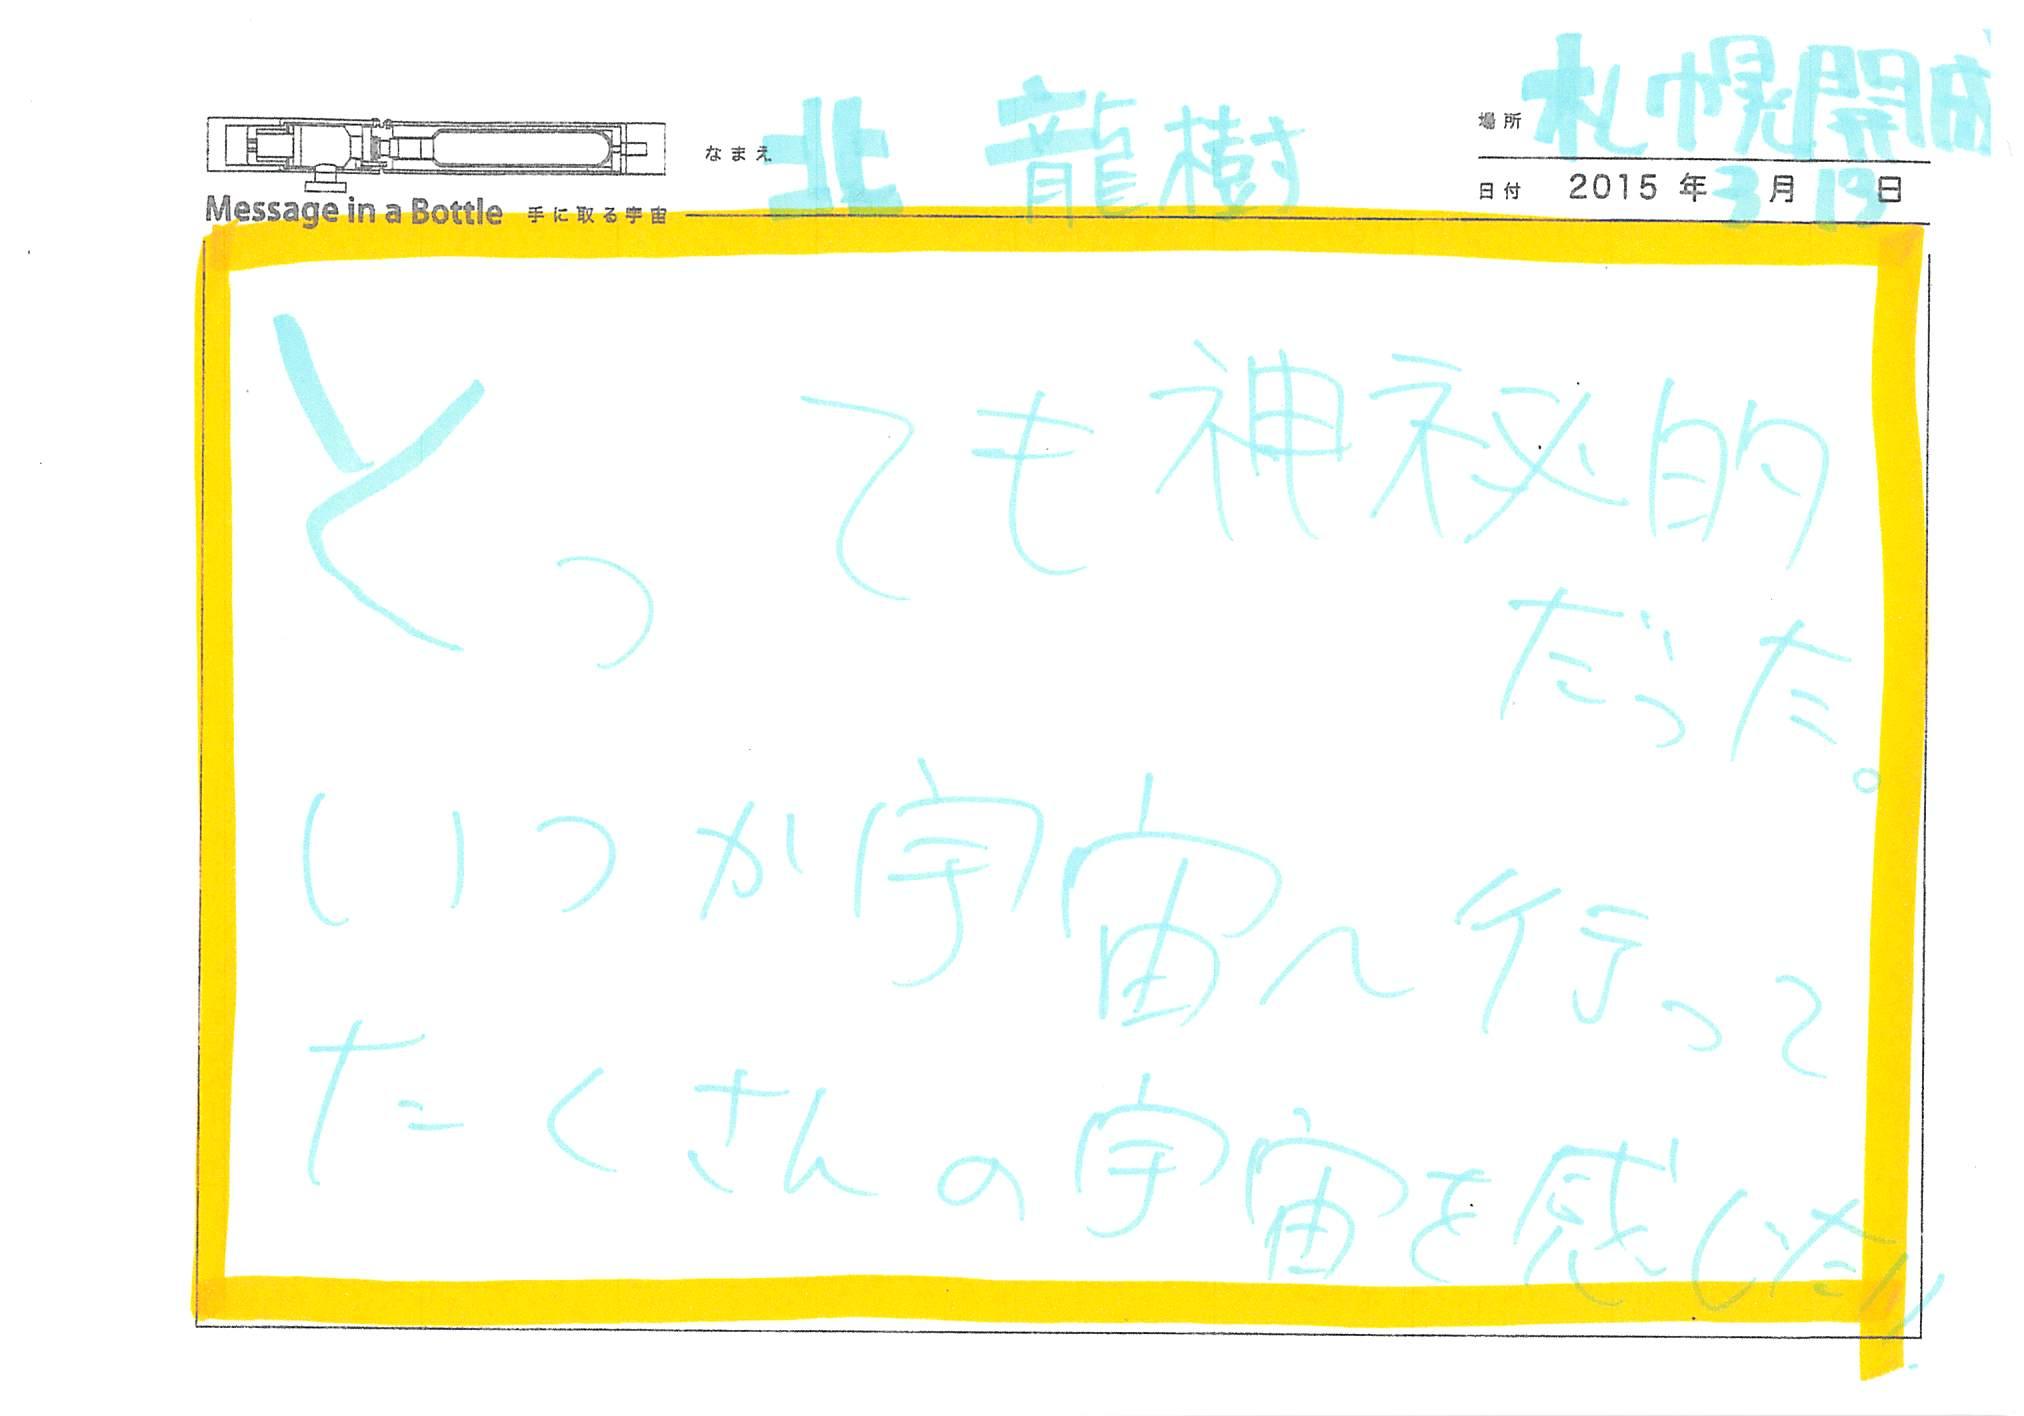 2015-04-09-21-10-12.jpg